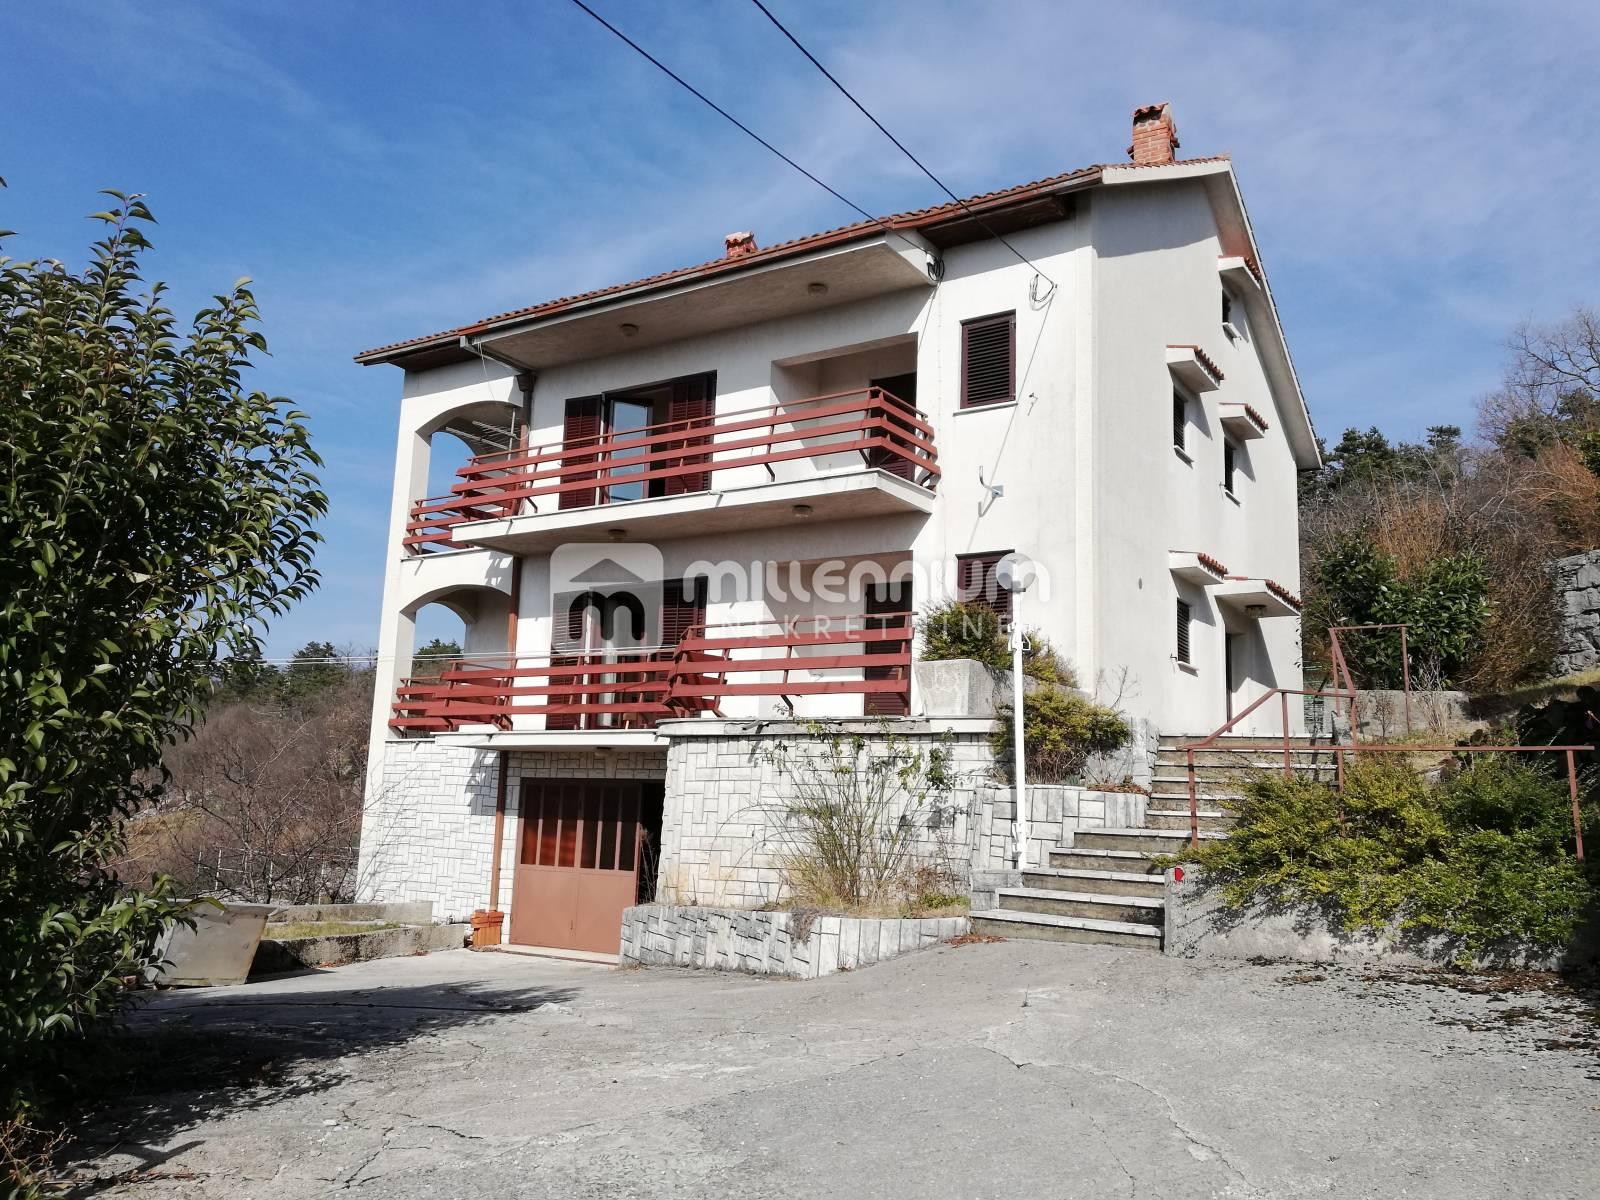 Rijeka okolica, Saršoni, kuća 450m2 na parceli od 5.000m2